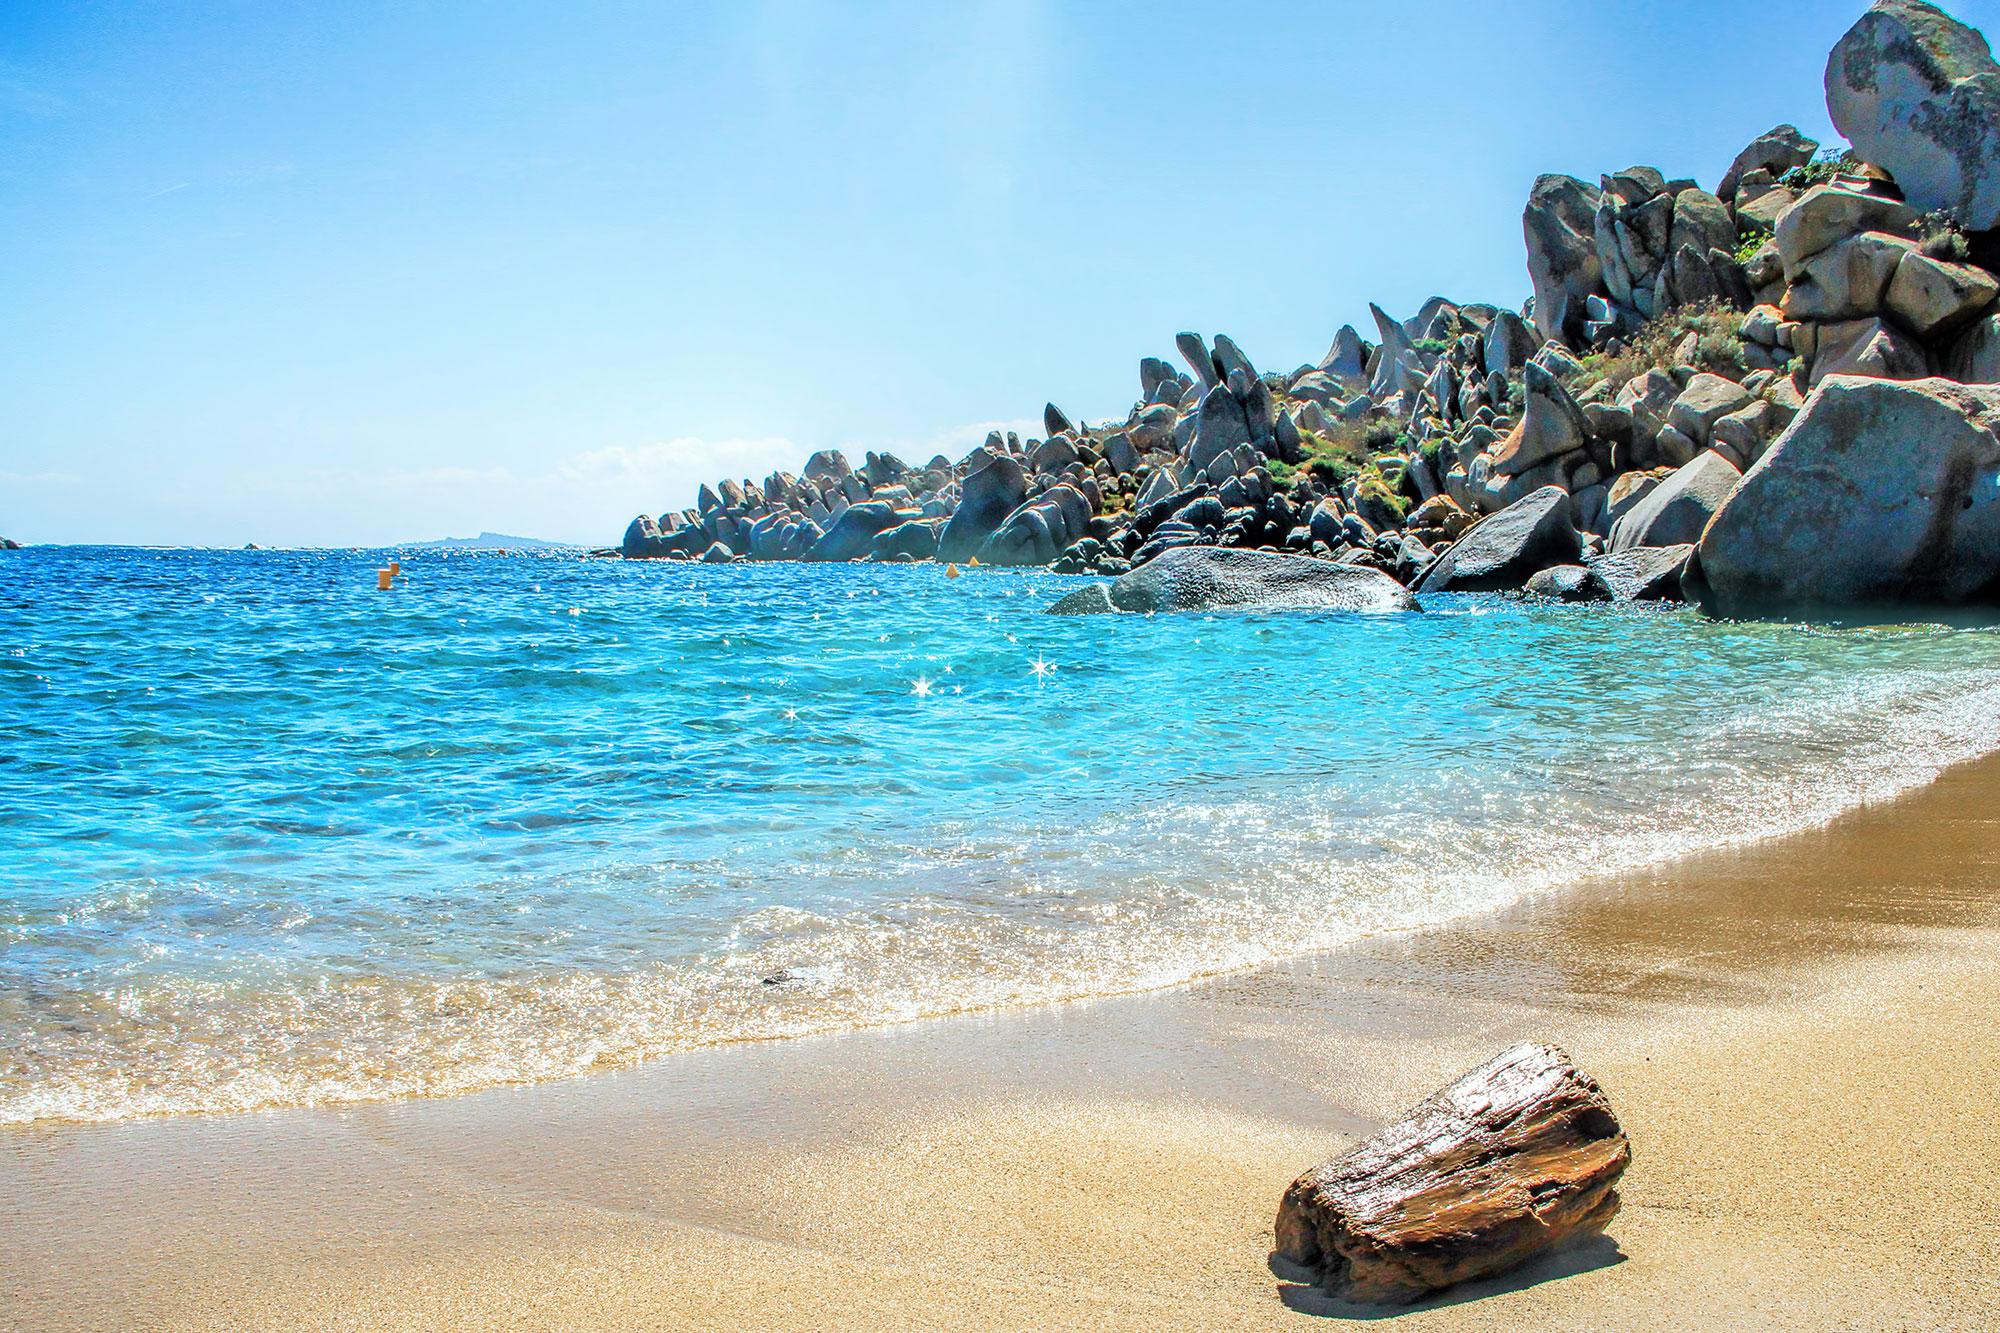 Plage de sable doré avec mer turquoise.